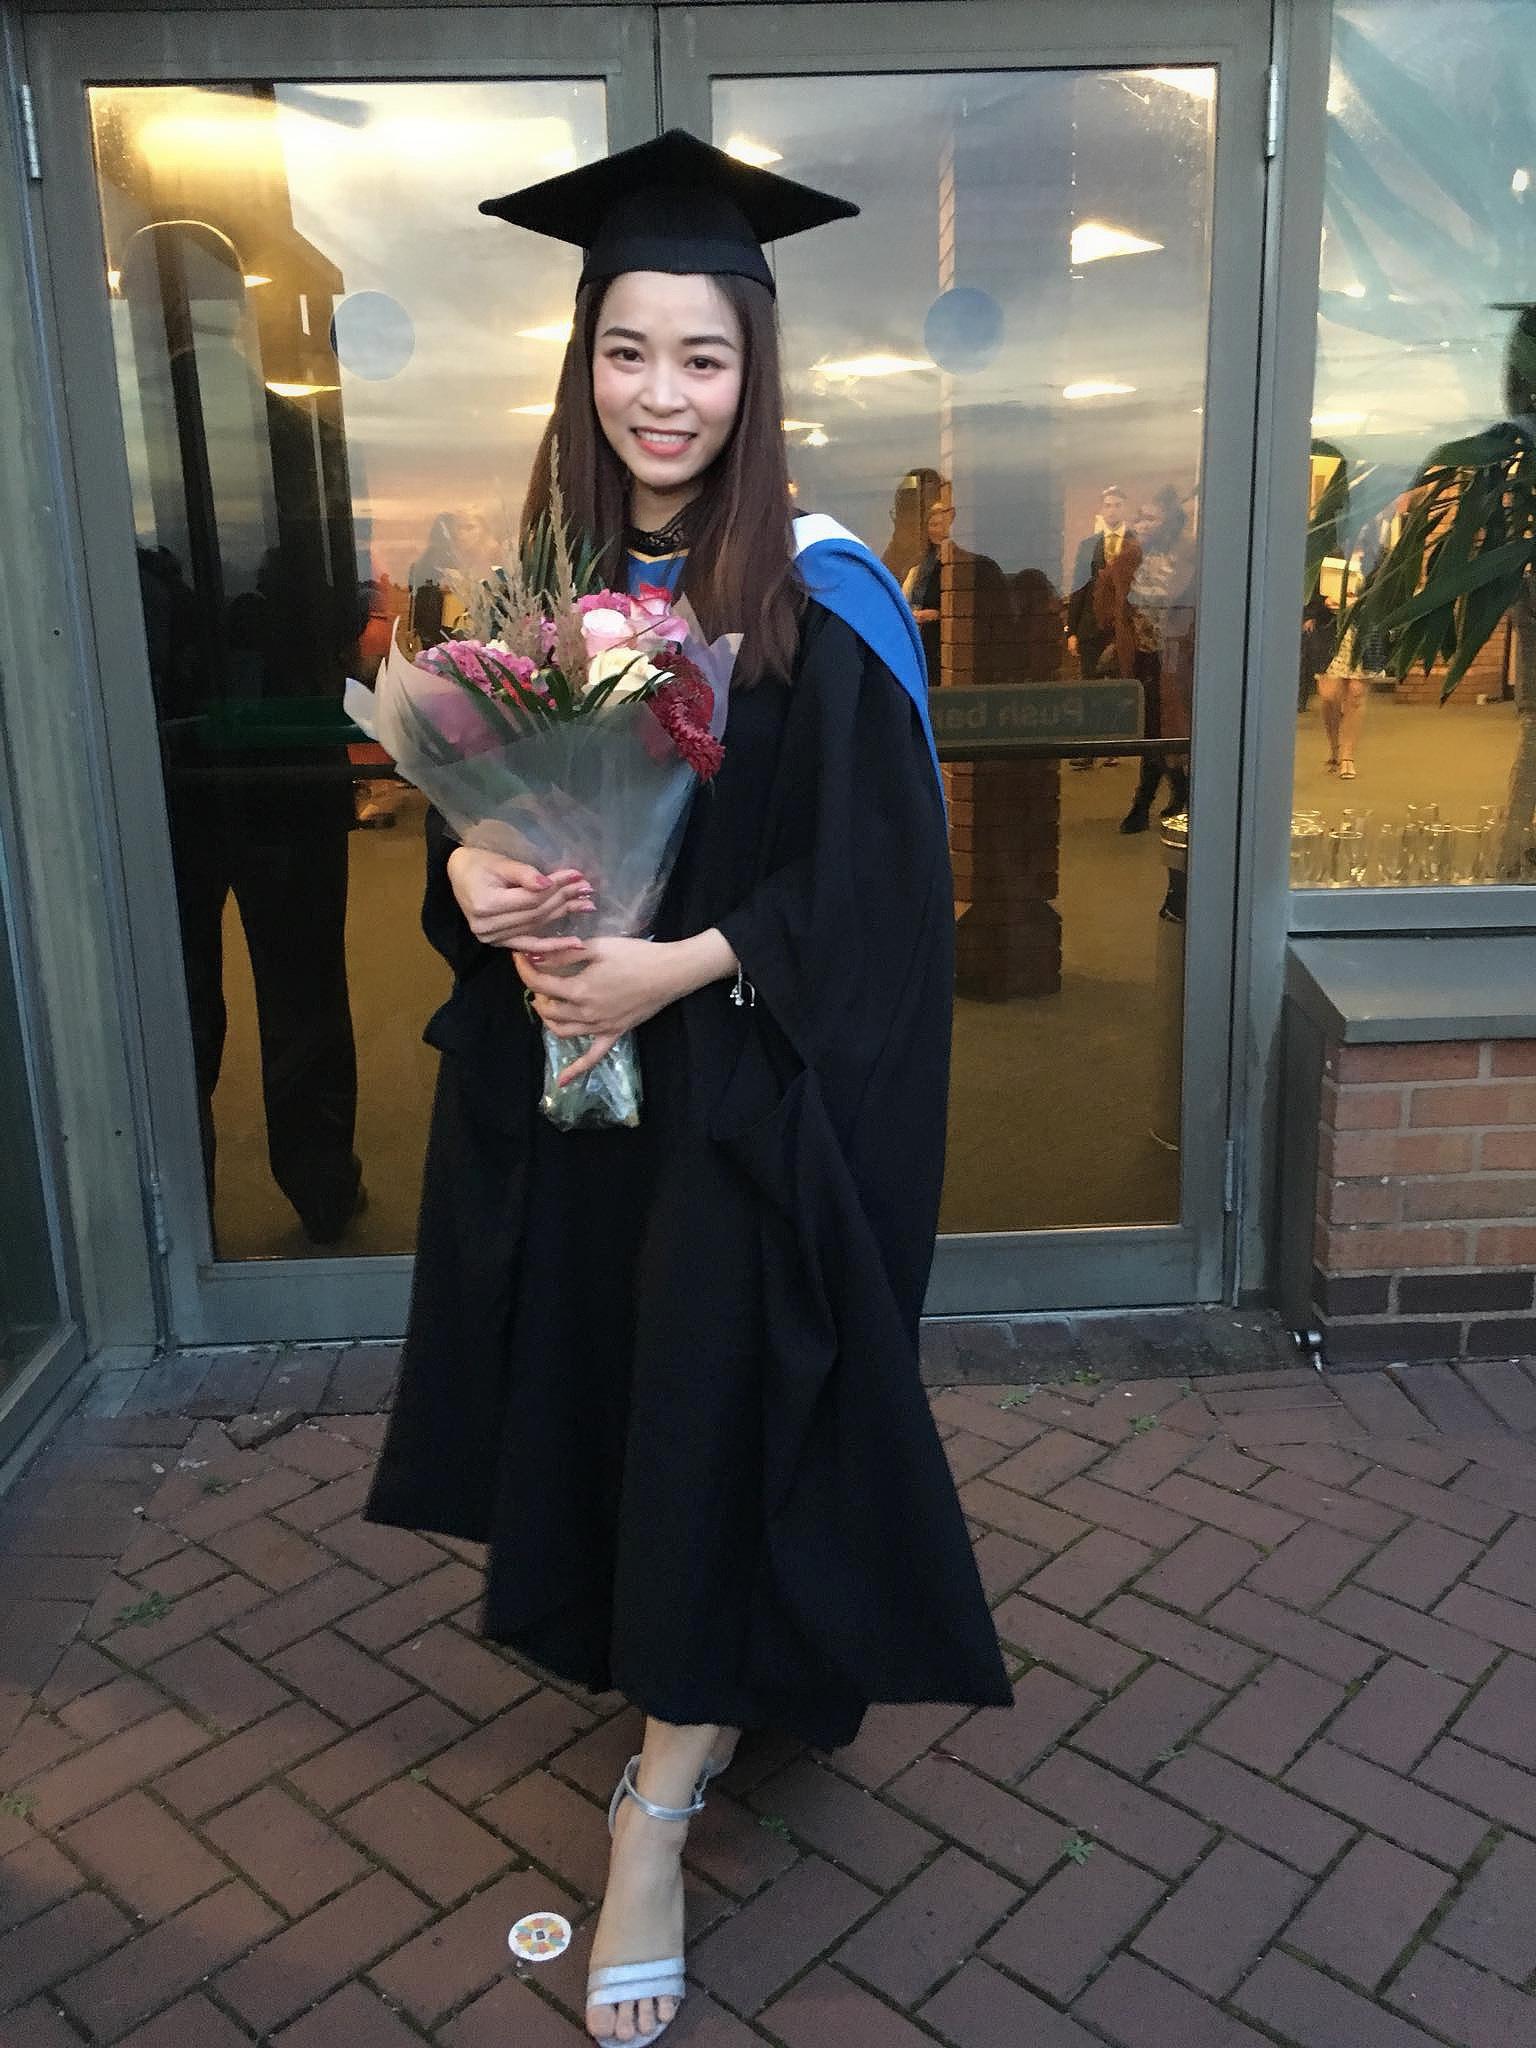 sinh viên bournemouth university